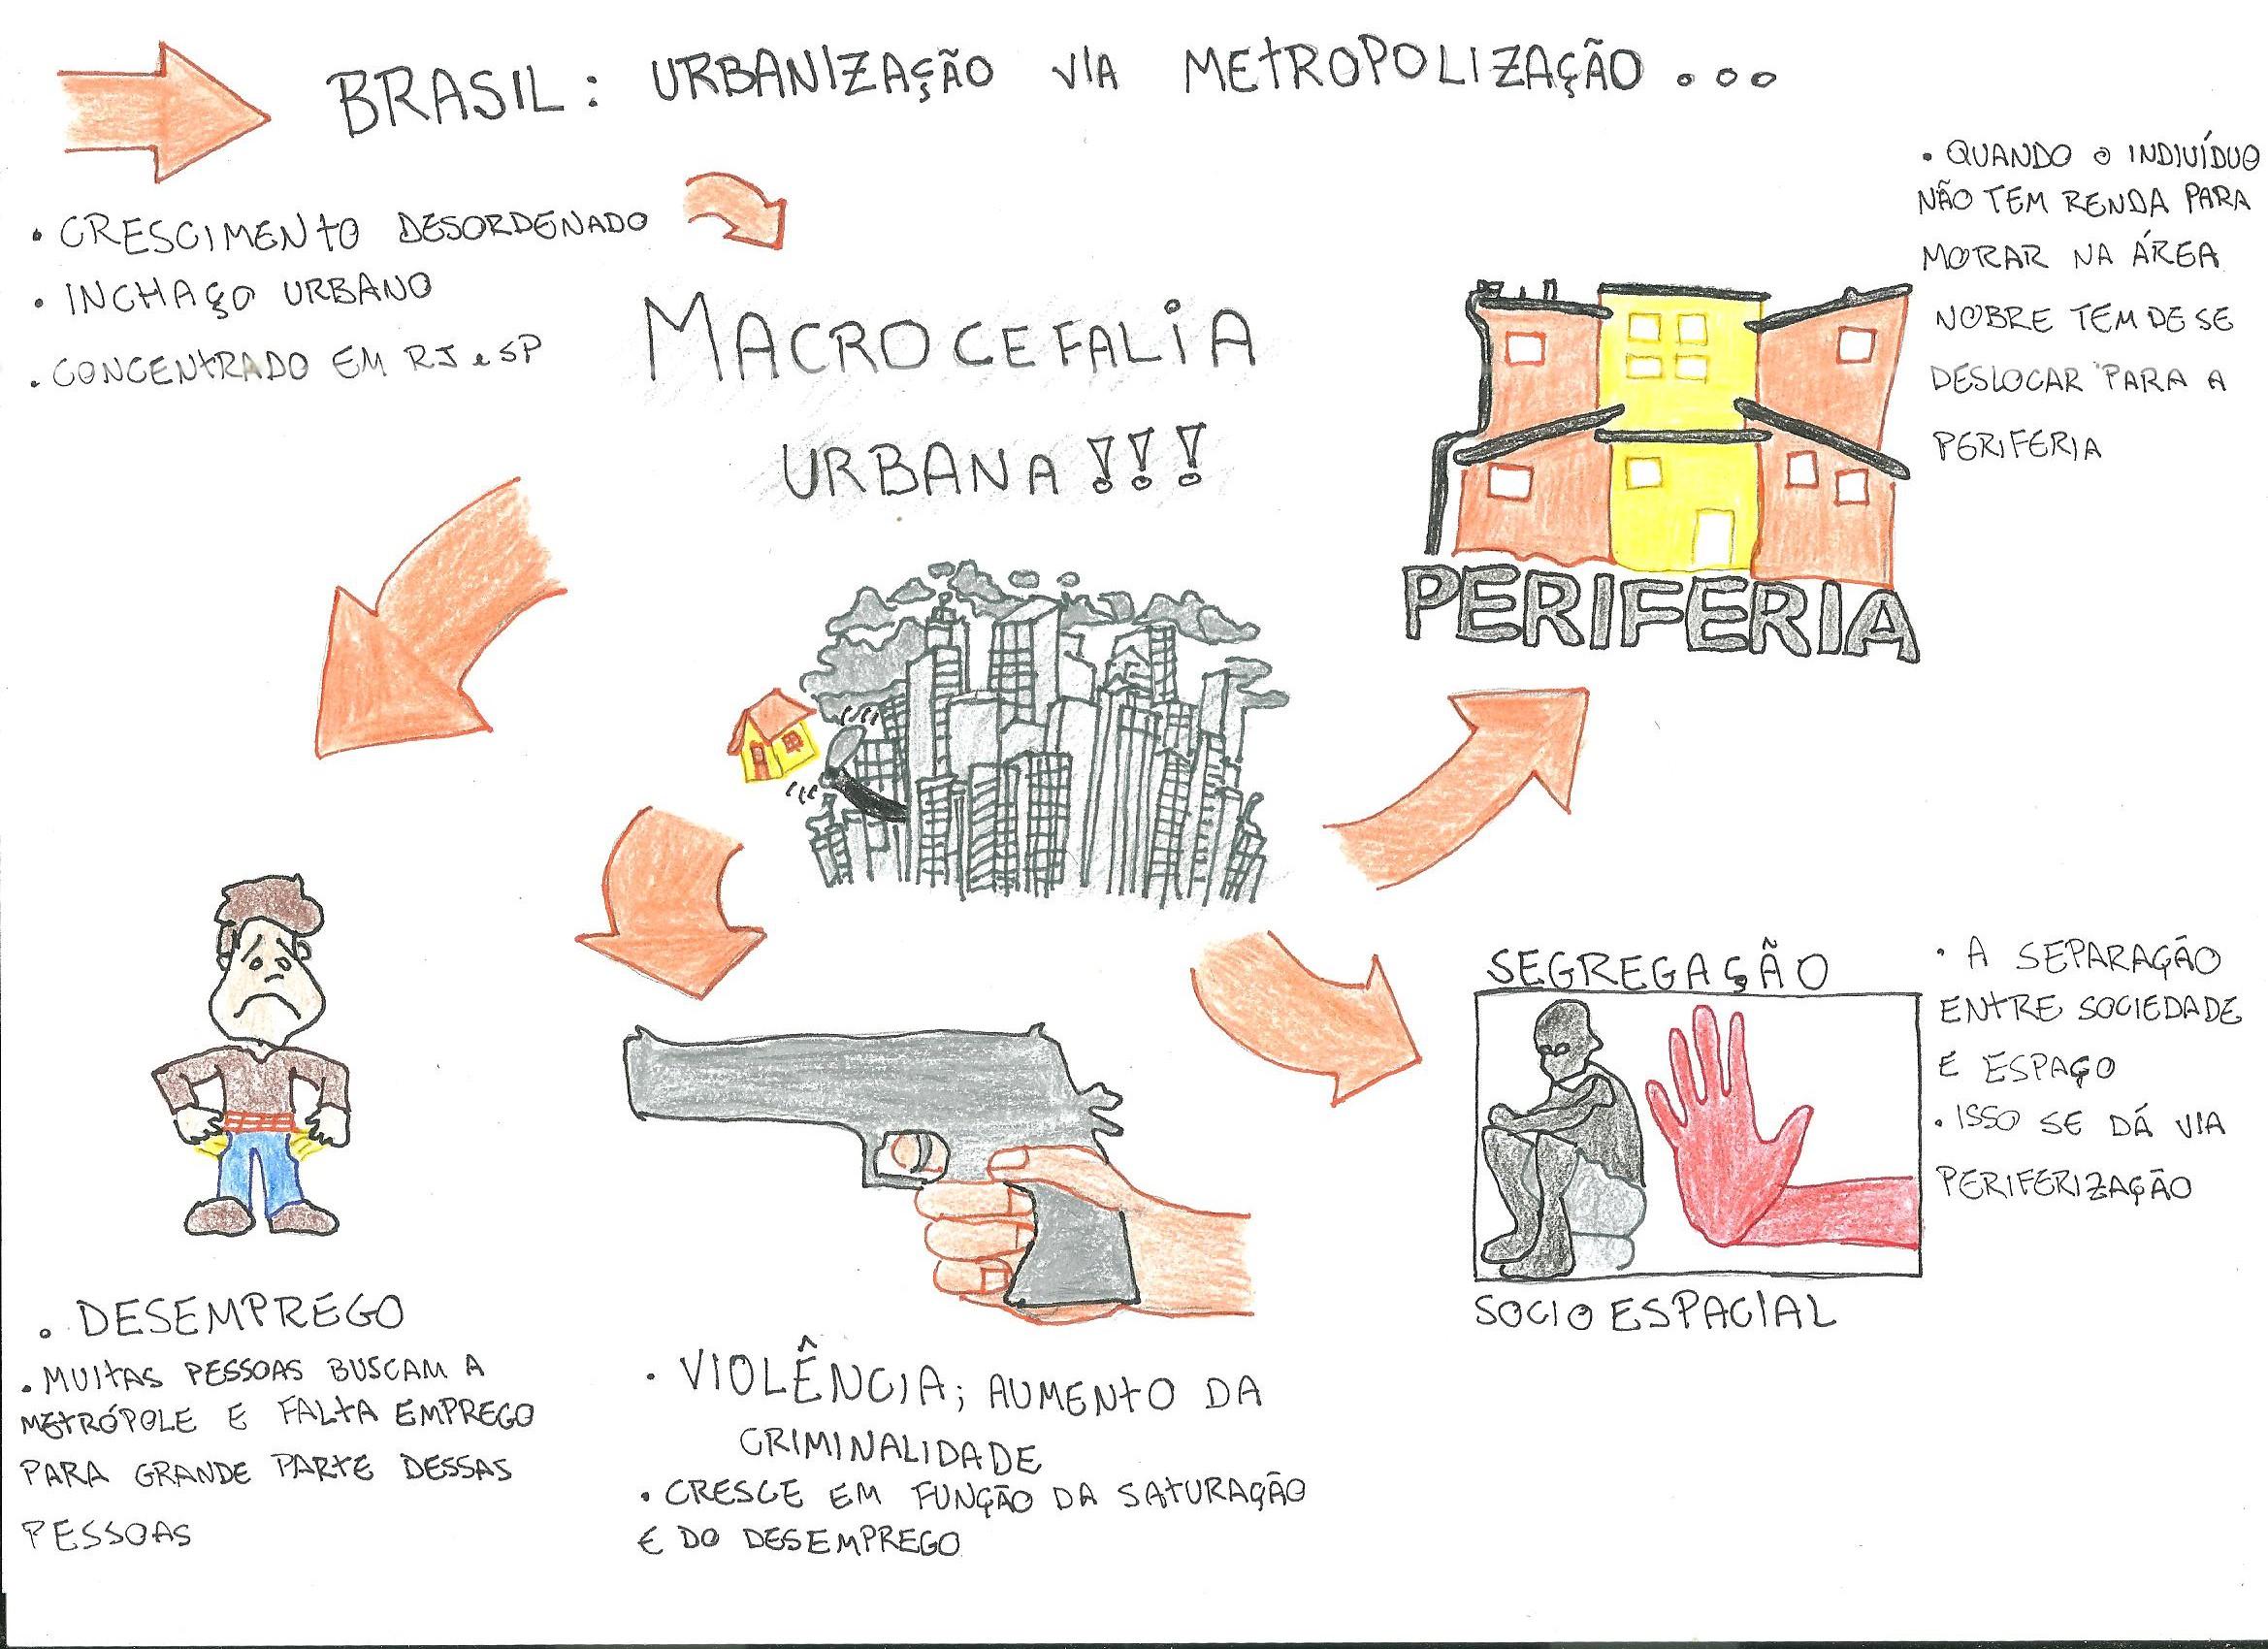 mapa-geografia-macrocefaia-urbana